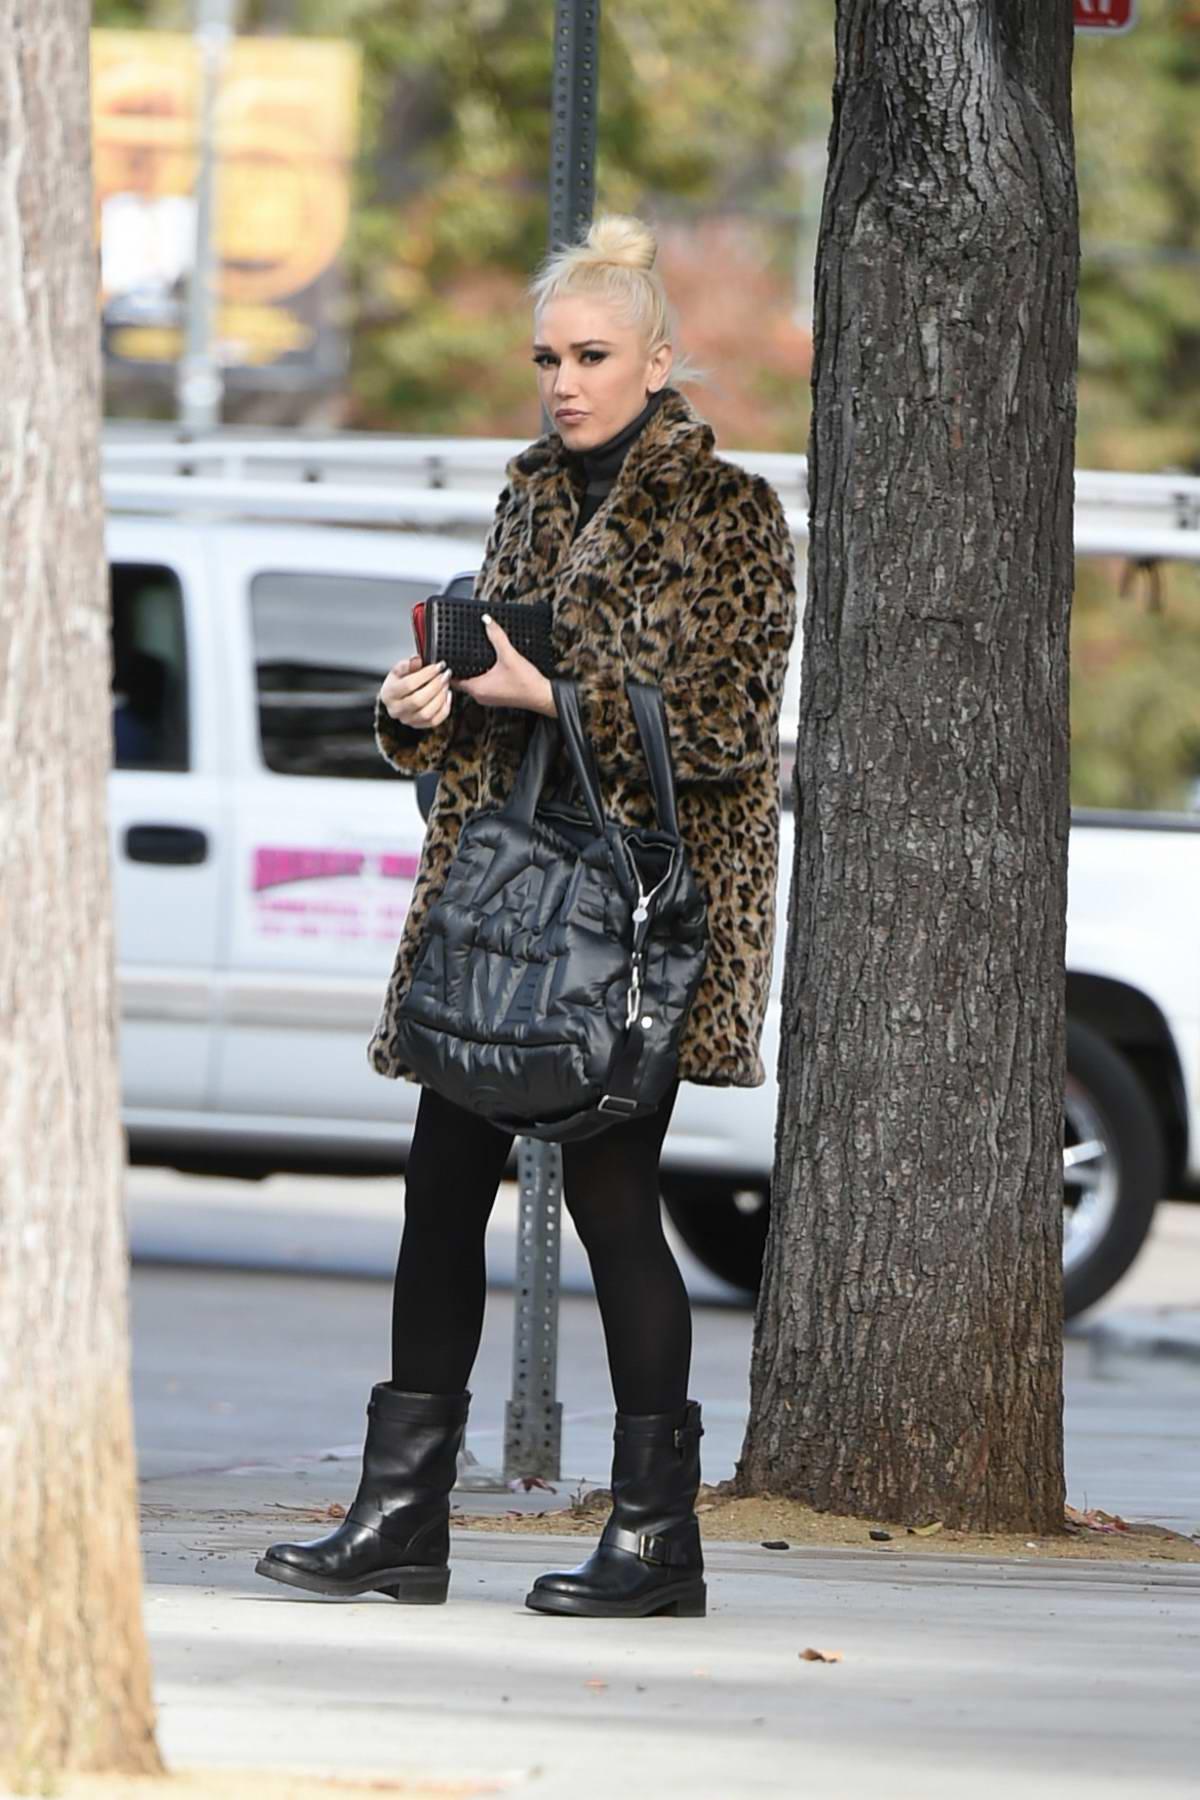 Gwen Stefani wears a leopard coat out running errands in Los Angeles